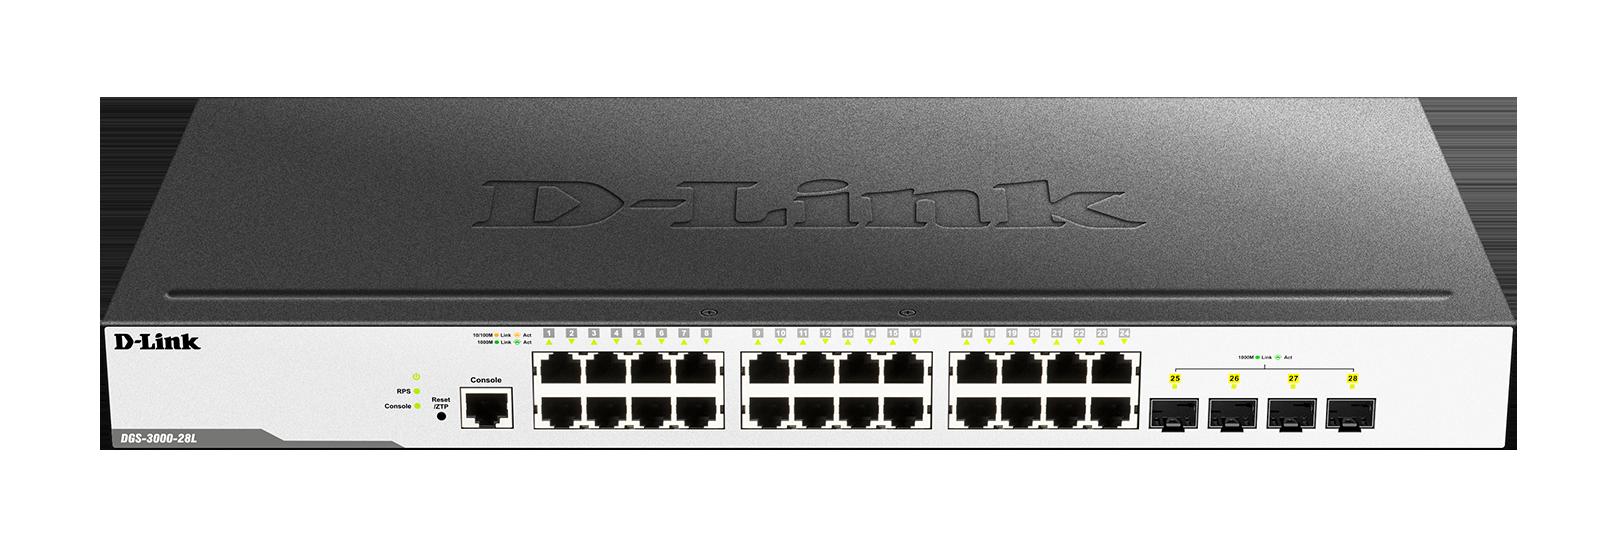 D-Link DES-3028 Fast Ethernet L2+ Switch XP